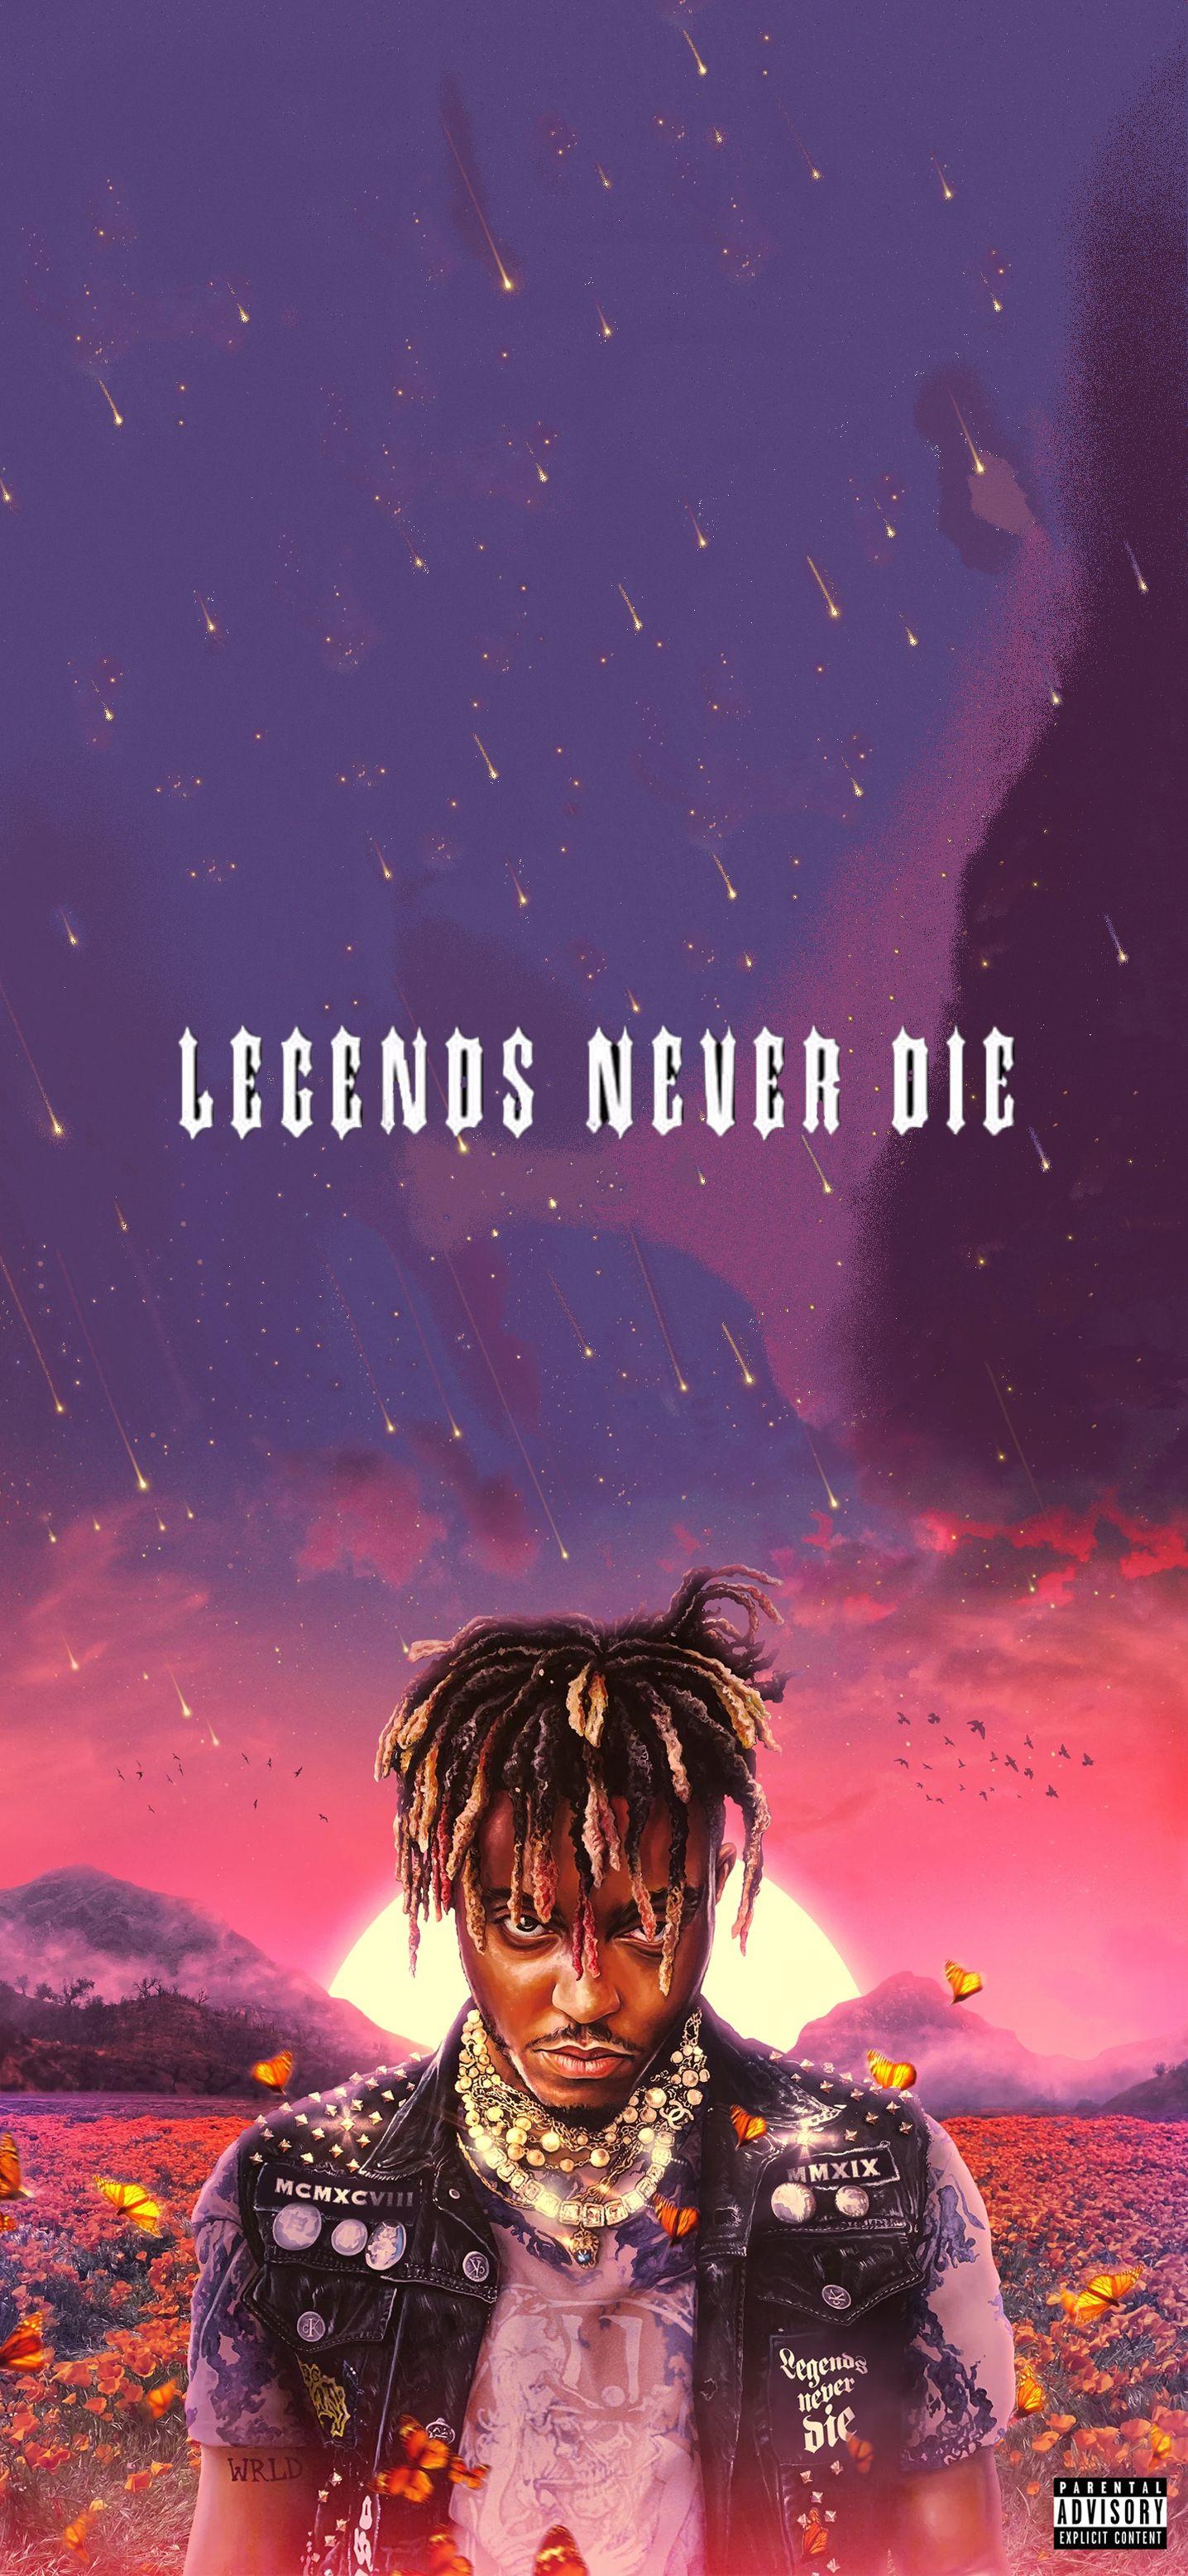 Legends Never Die Wallpaper in 2020 Die wallpaper